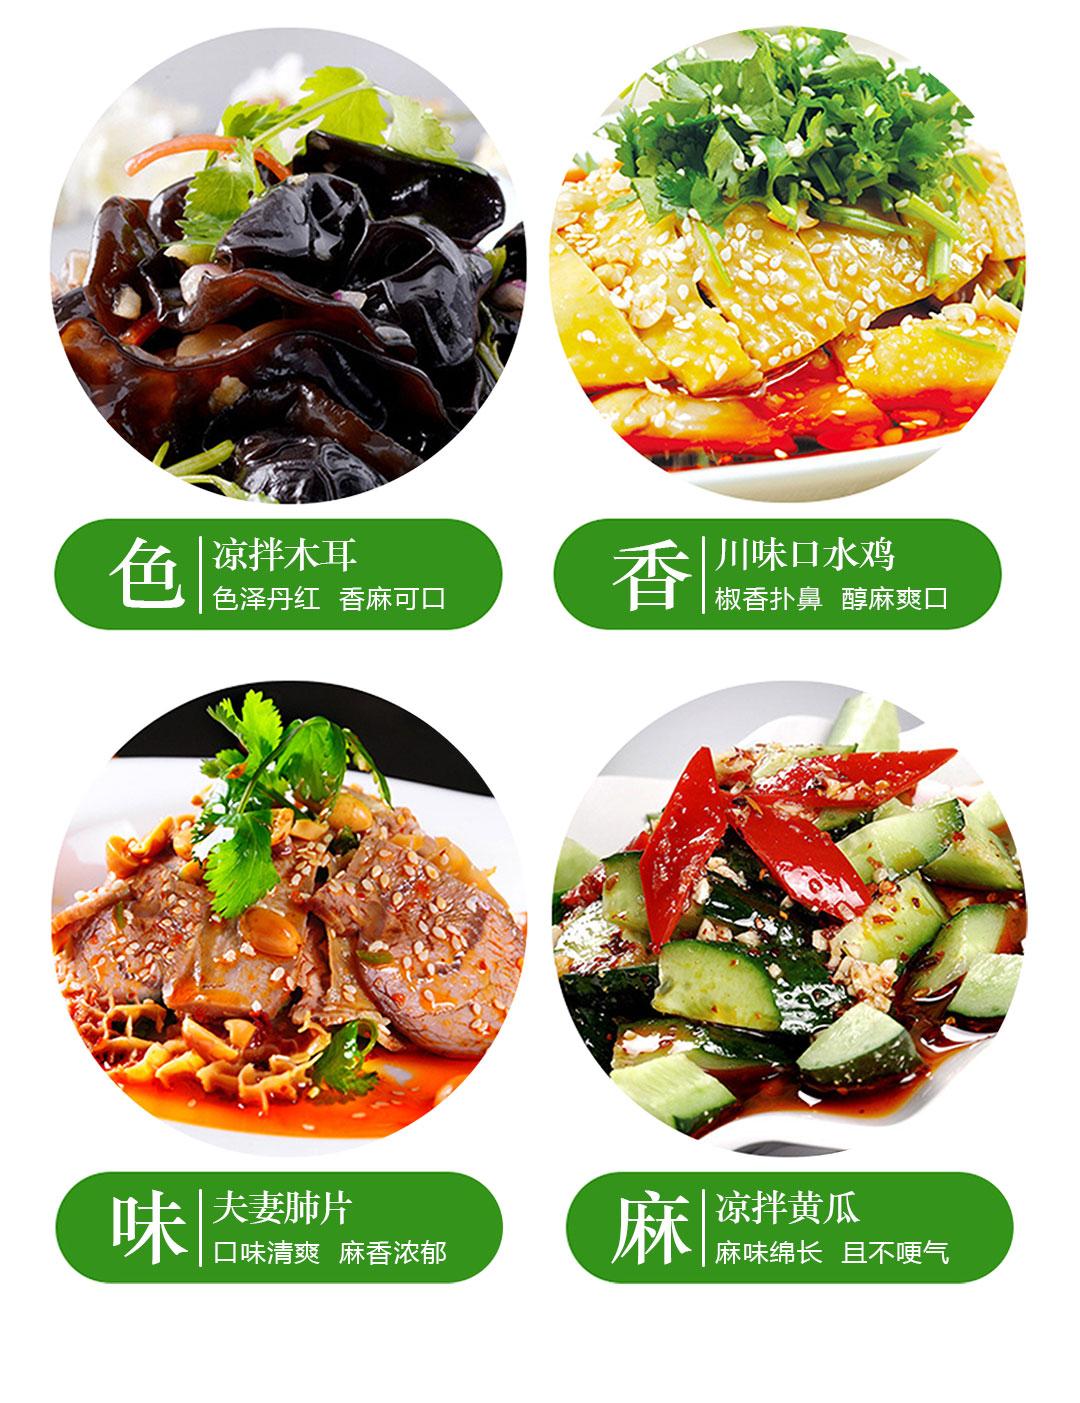 风味豆豉产品简介图_04.jpg